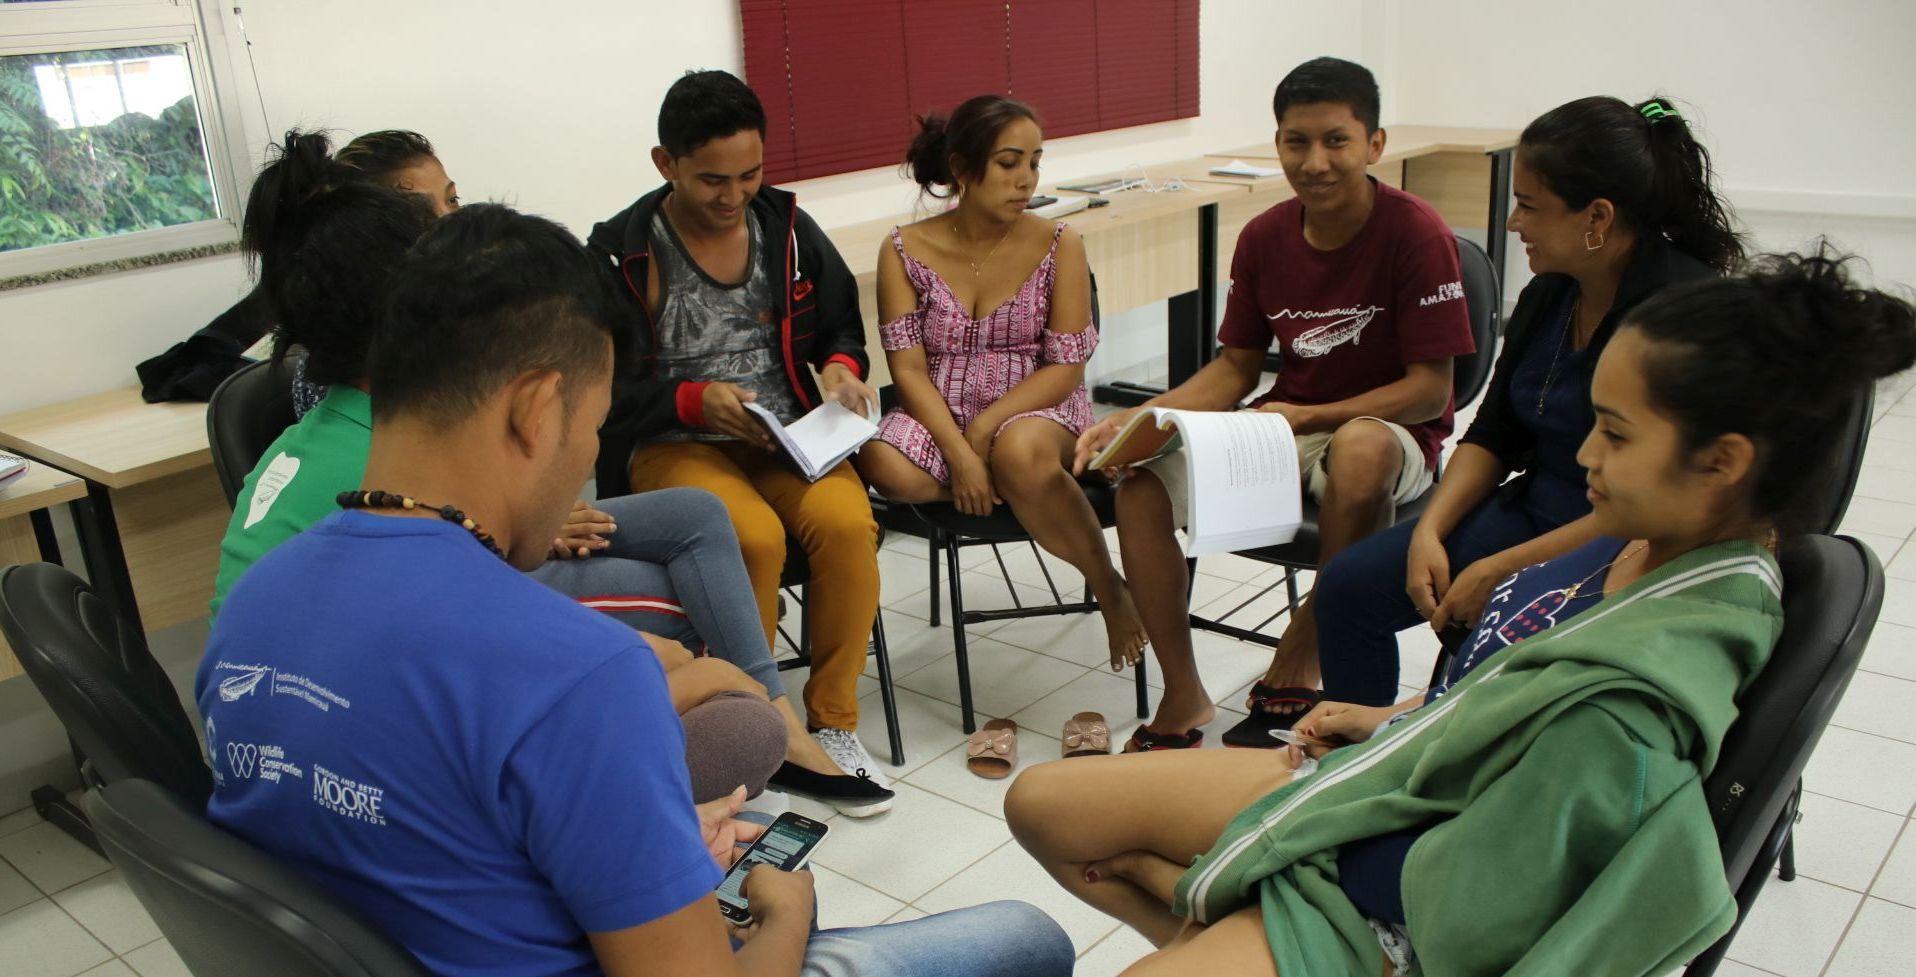 Oficina aborda direitos humanos para a proteção à saúde de jovens ribeirinhos